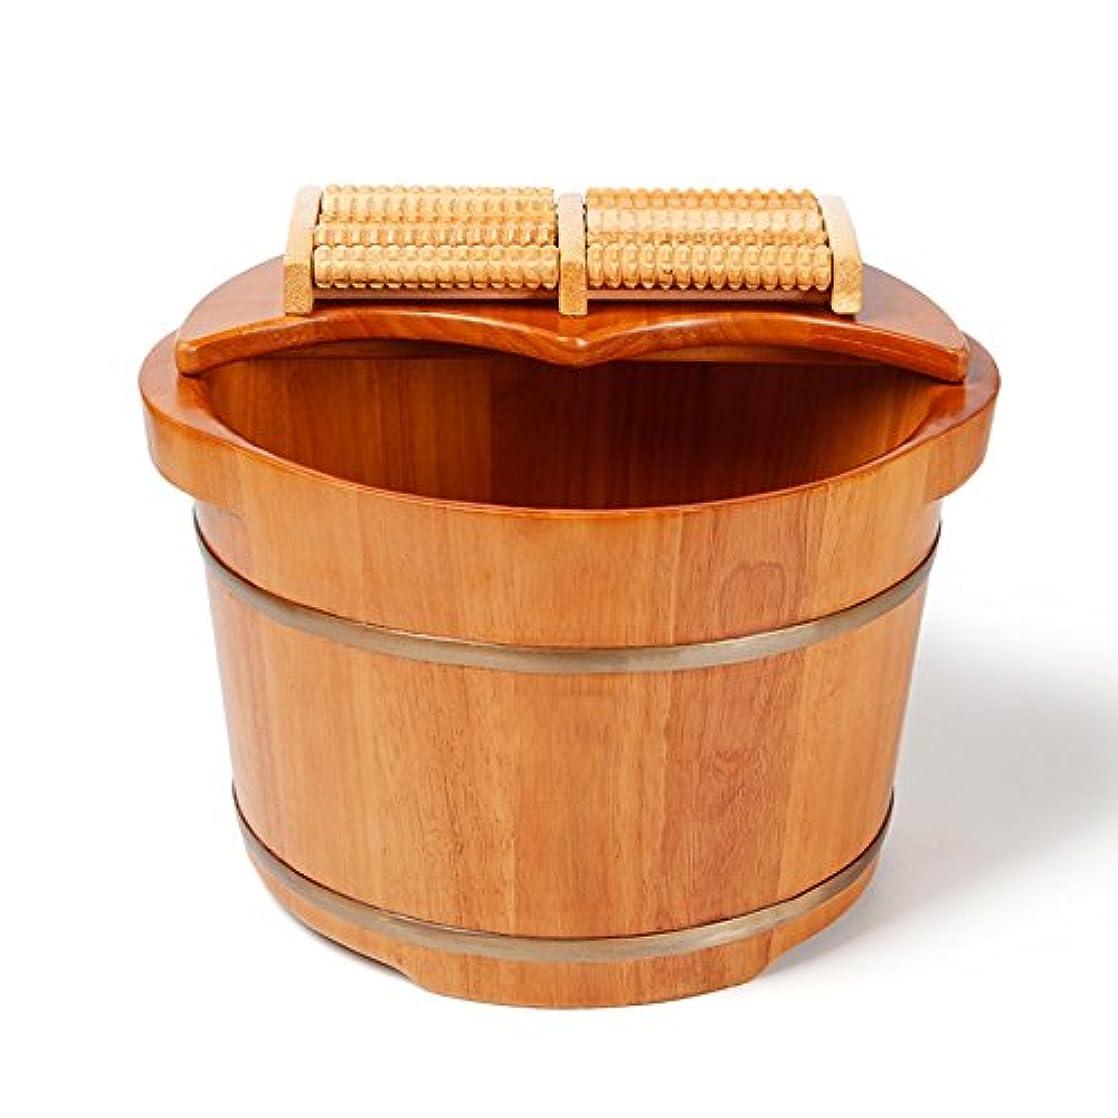 理容師準備した指令C&L 足の浴槽、木製の足の洗面器足のバレルの足のマッサージの足の洗面器カバーの足の浴槽38 * 31 * 26cm ( サイズ さいず : 38*31*26cm )